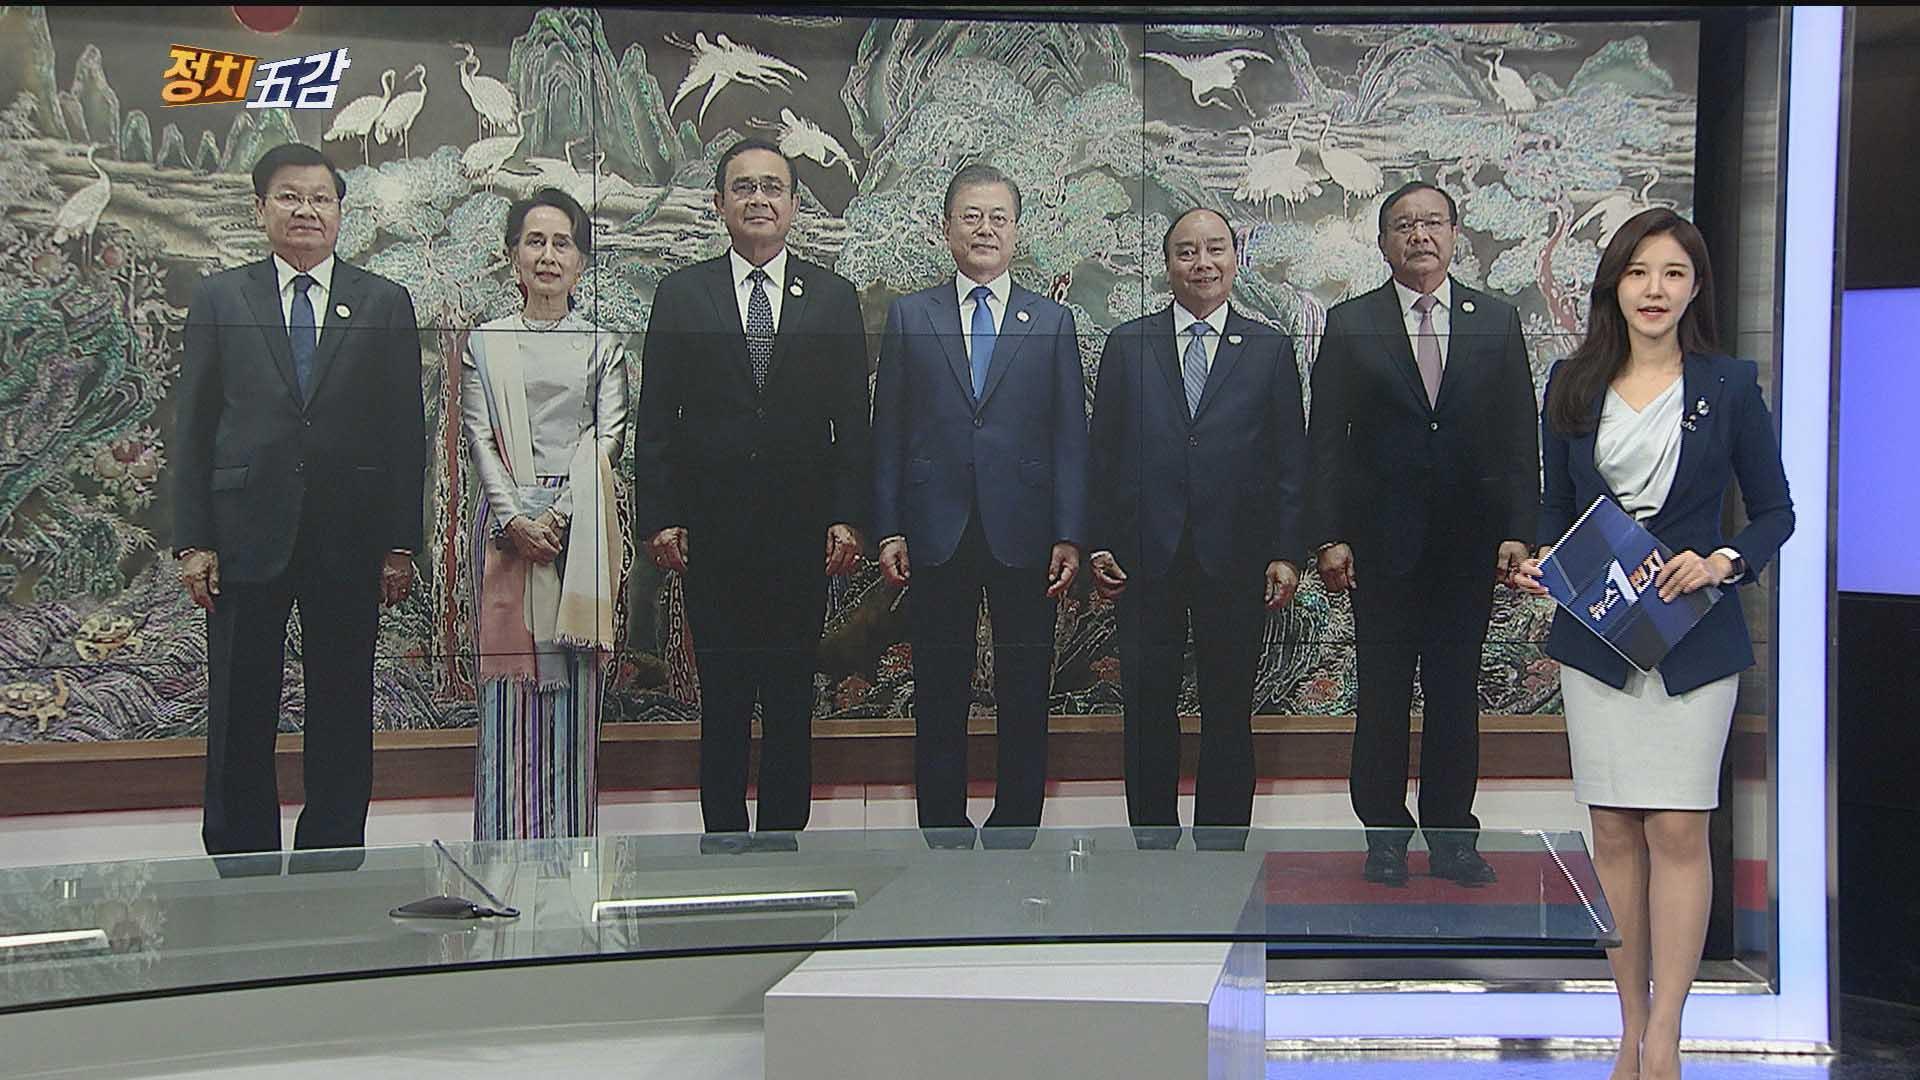 [정치五감] 한·메콩 정상회의…'한강·메콩강 선언' 채택 外